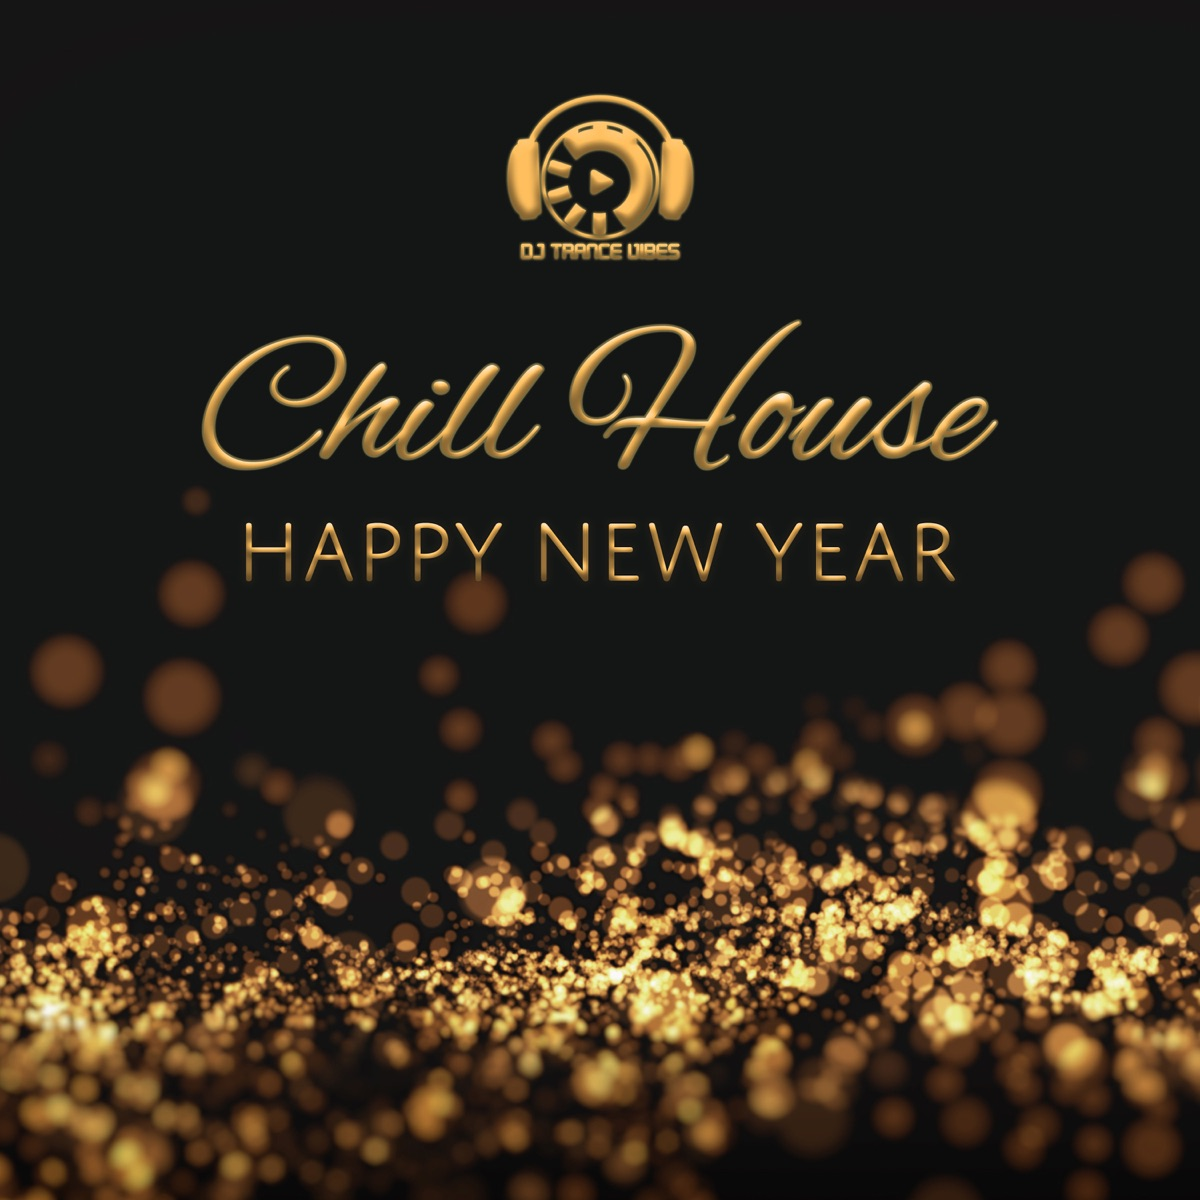 Chill House – Happy New Year, Party Beats, Ibiza Chillax